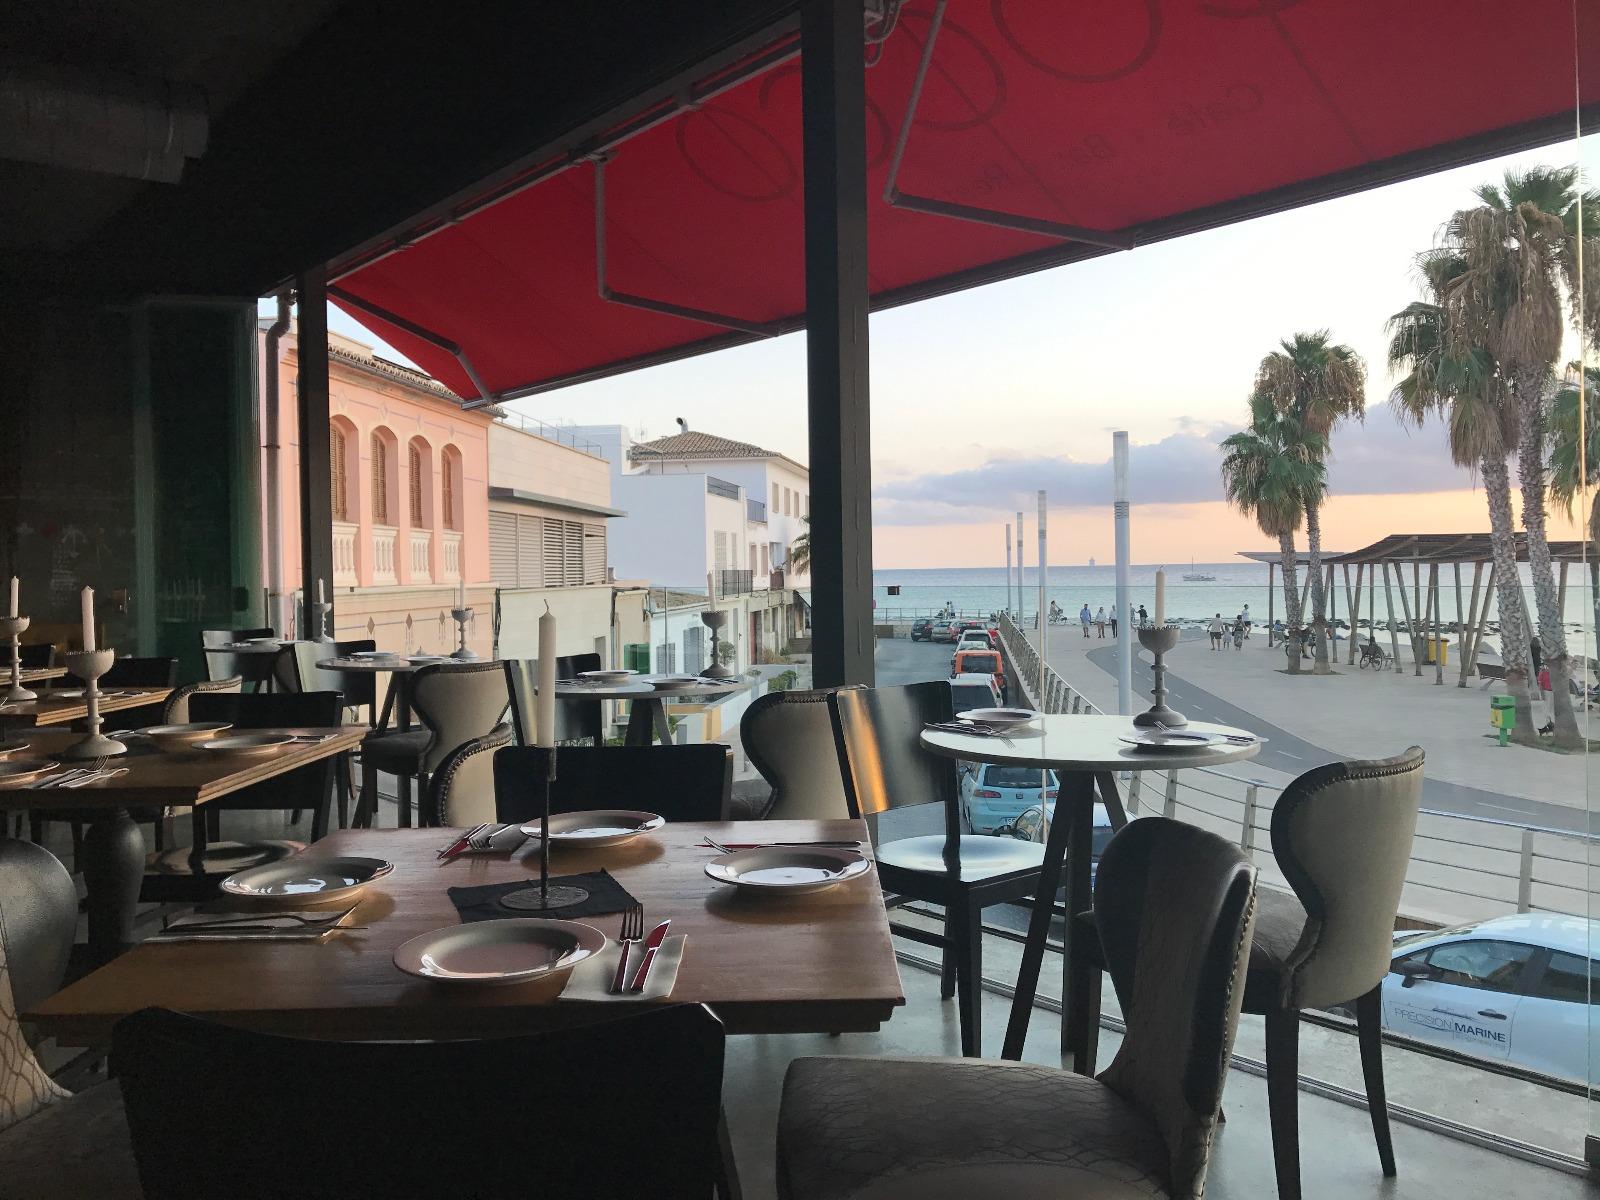 palma-mallorca-bonnes-adresses-restaurant-cocco-interieur